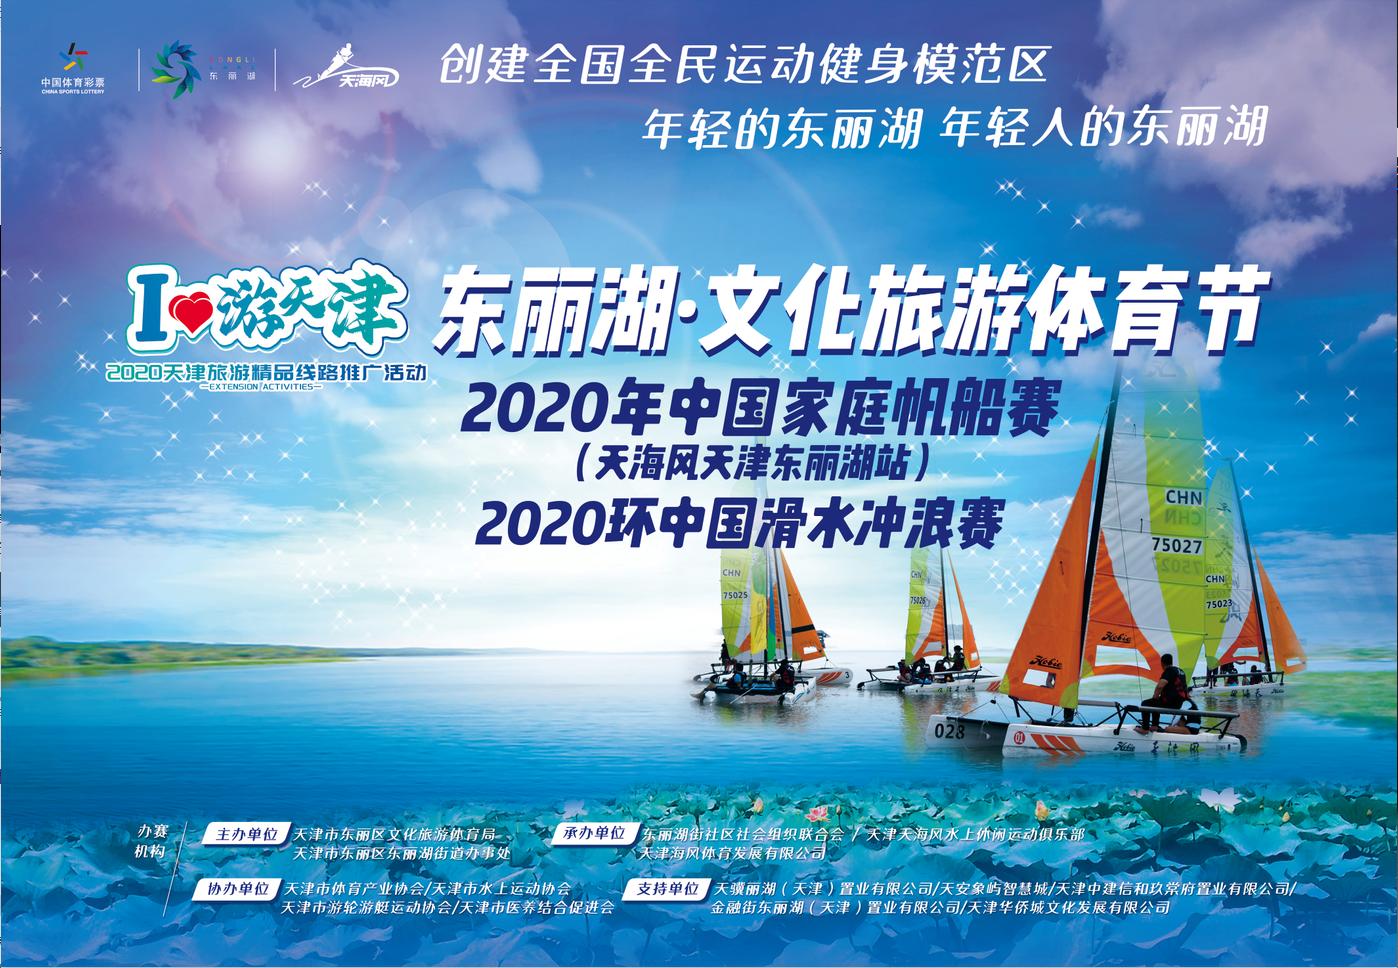 天津东丽湖•文化旅游体育节即将开幕